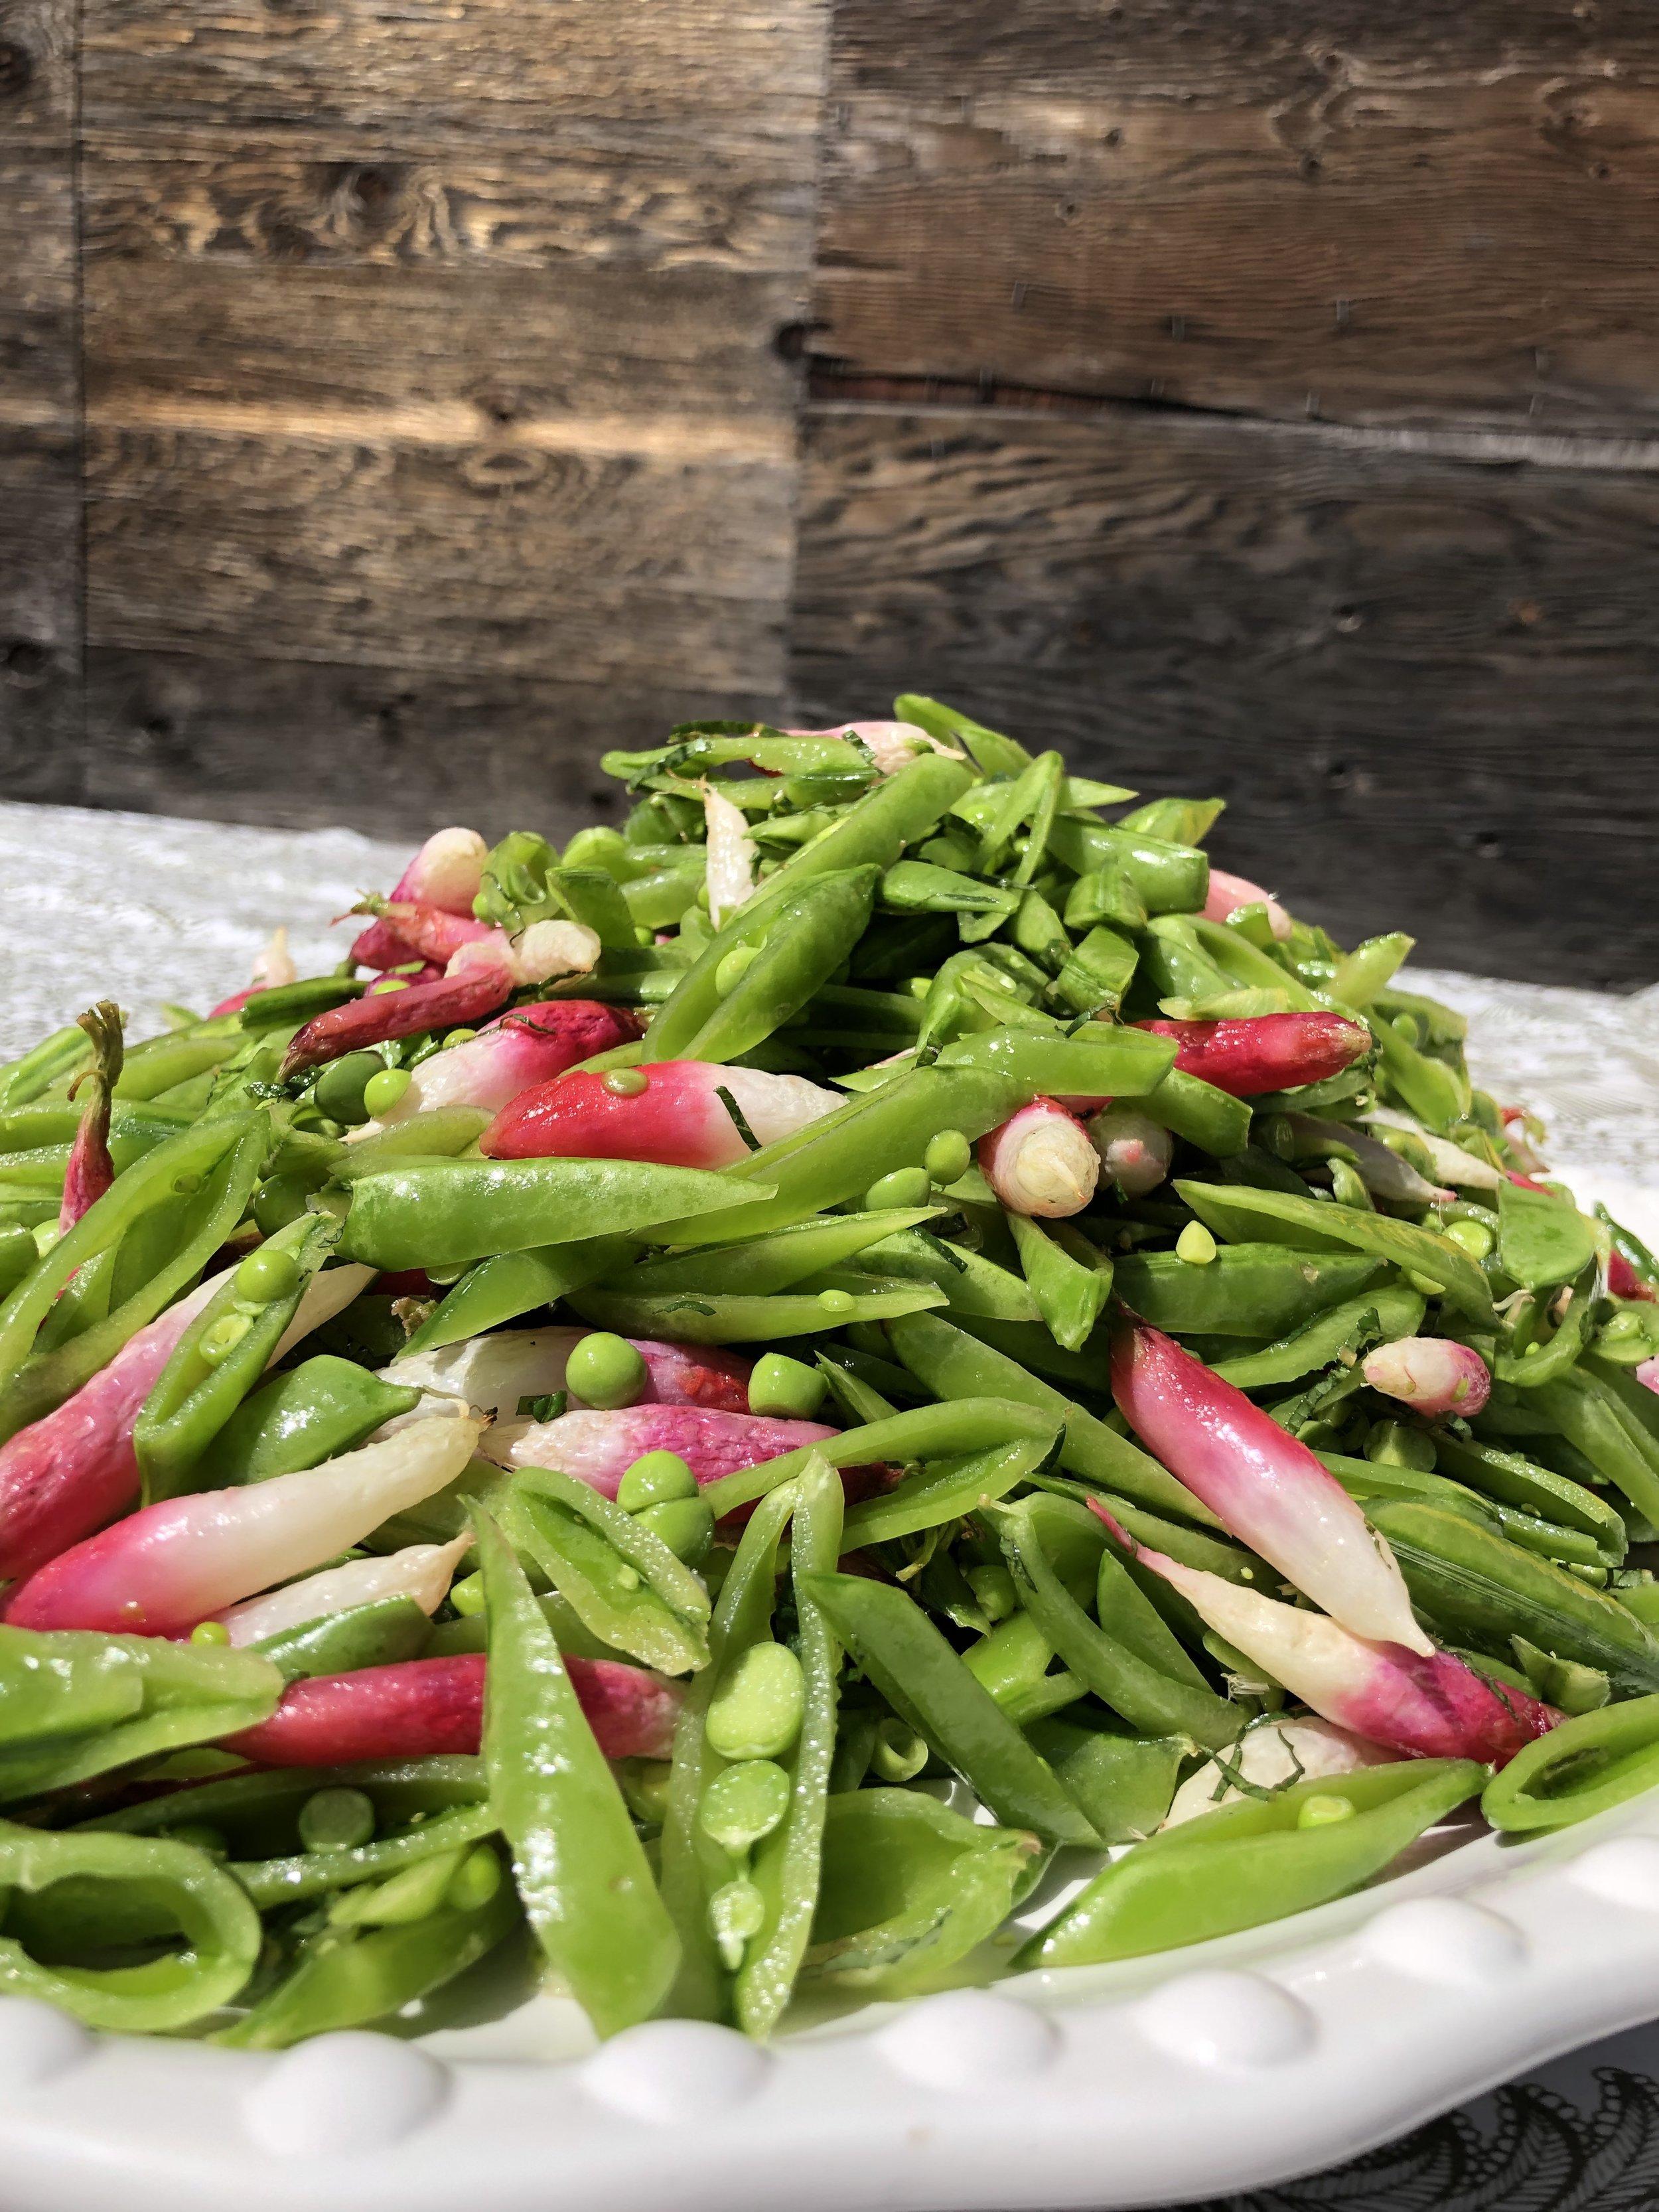 snap pea and radish salad.jpg